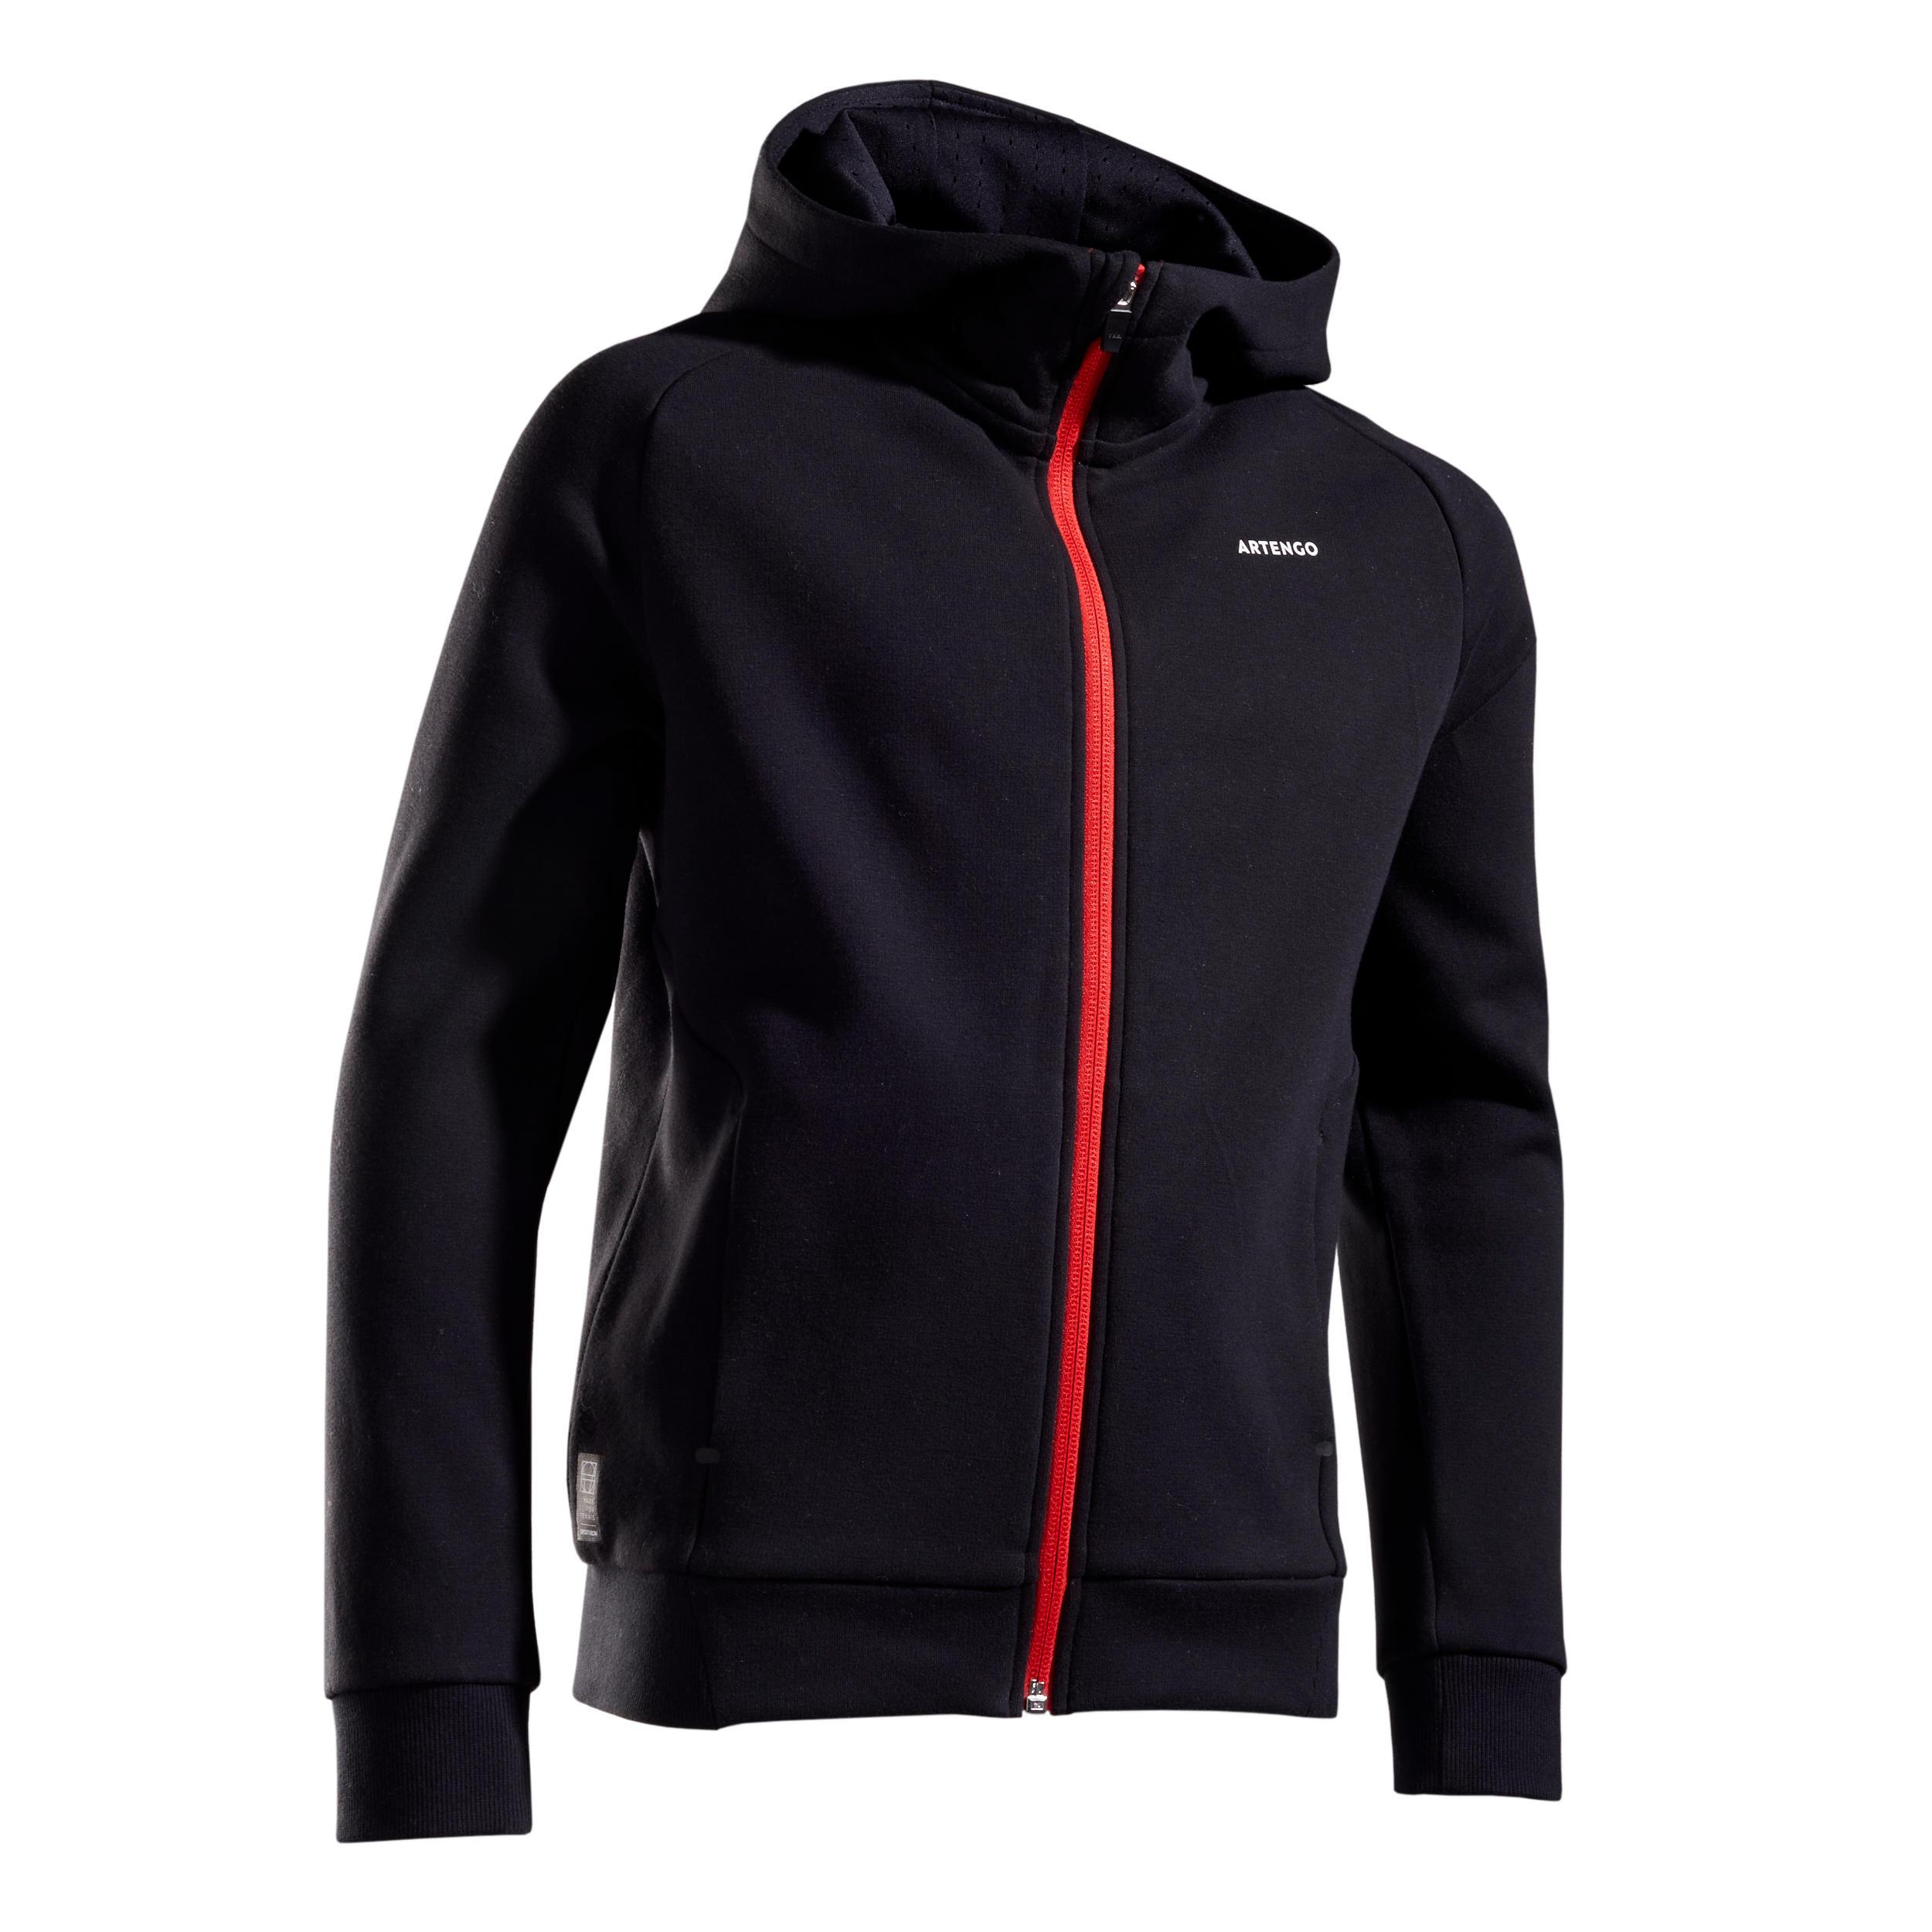 Jachetă Termică Tenis Copii la Reducere poza